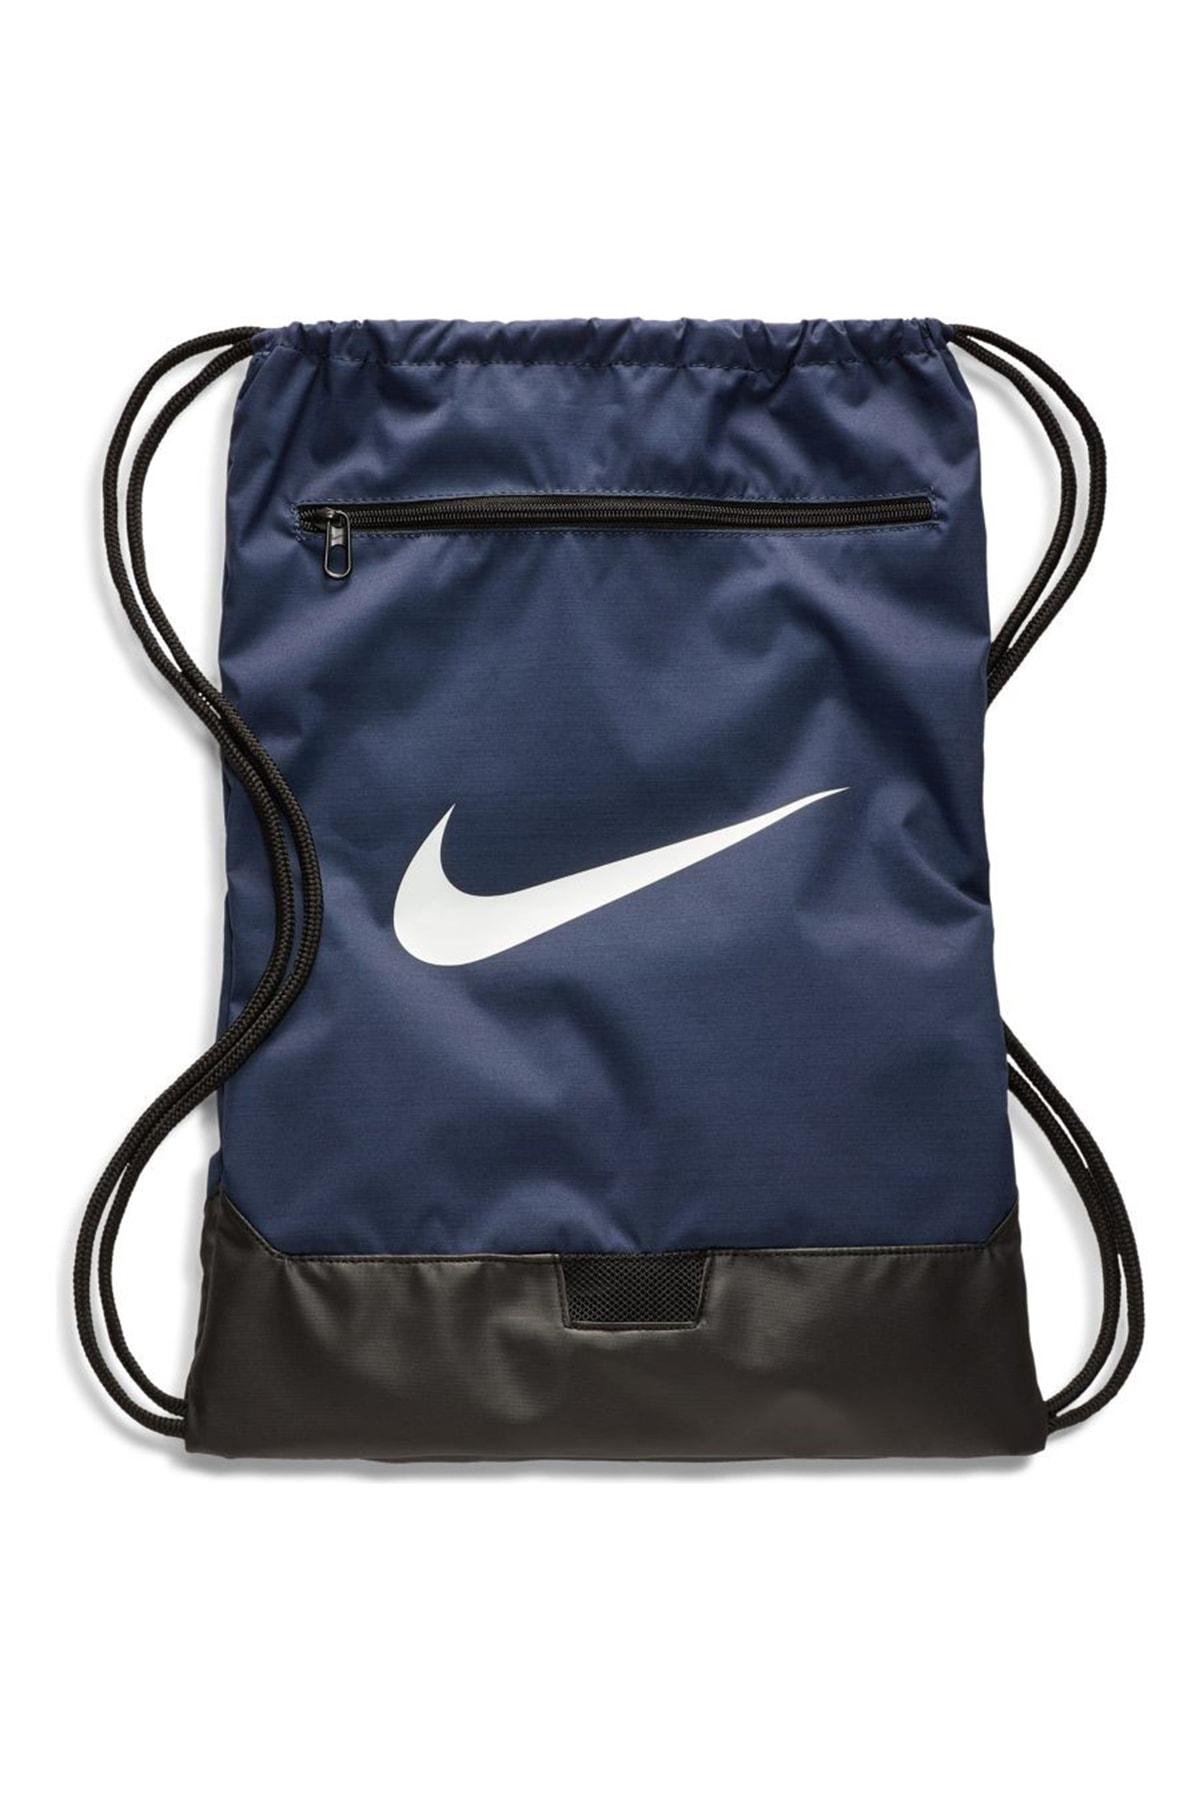 Nike Brasilia Torba Çanta 0